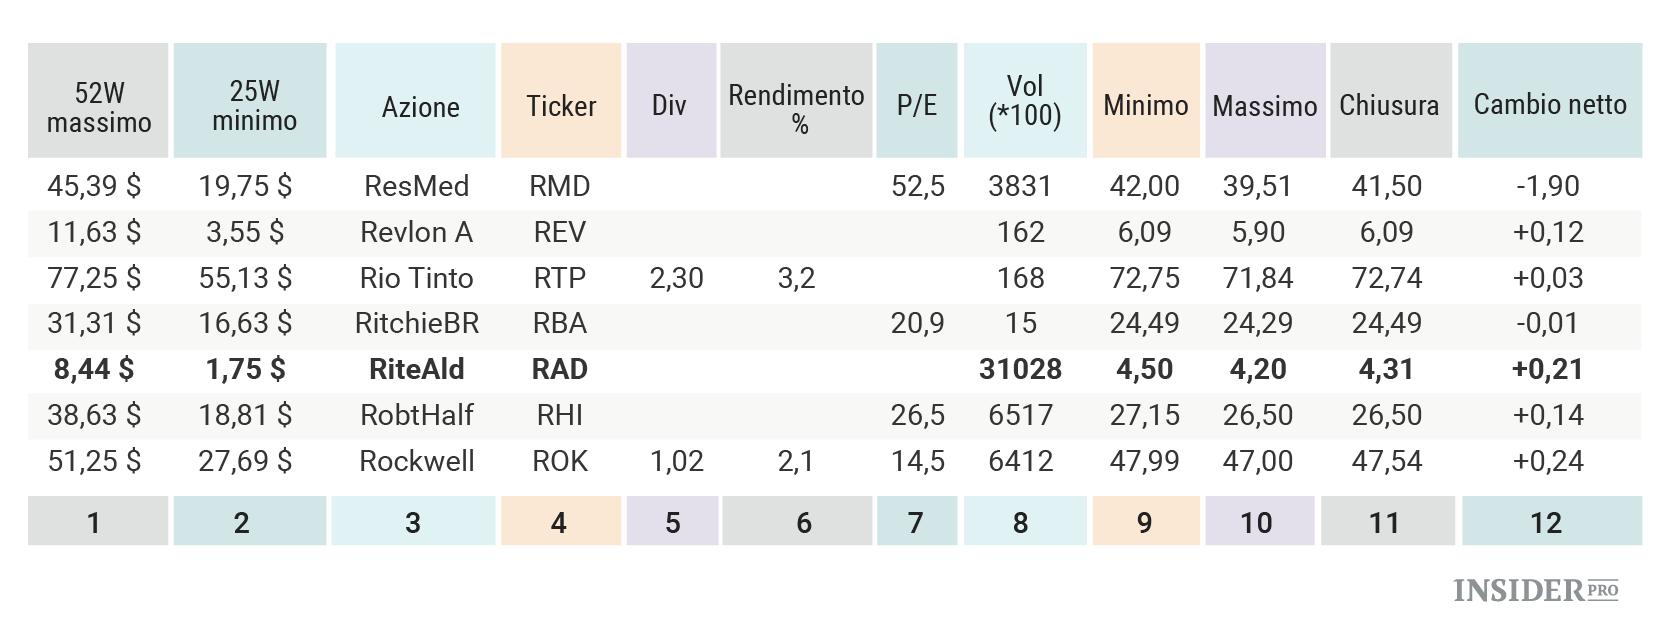 08bff4fe72 Colonna 1 e 2: 52 settimane Alti e Bassi – Questi sono i prezzi più alti e  più bassi dell'azione durante le 52 settimane precedenti (un anno).